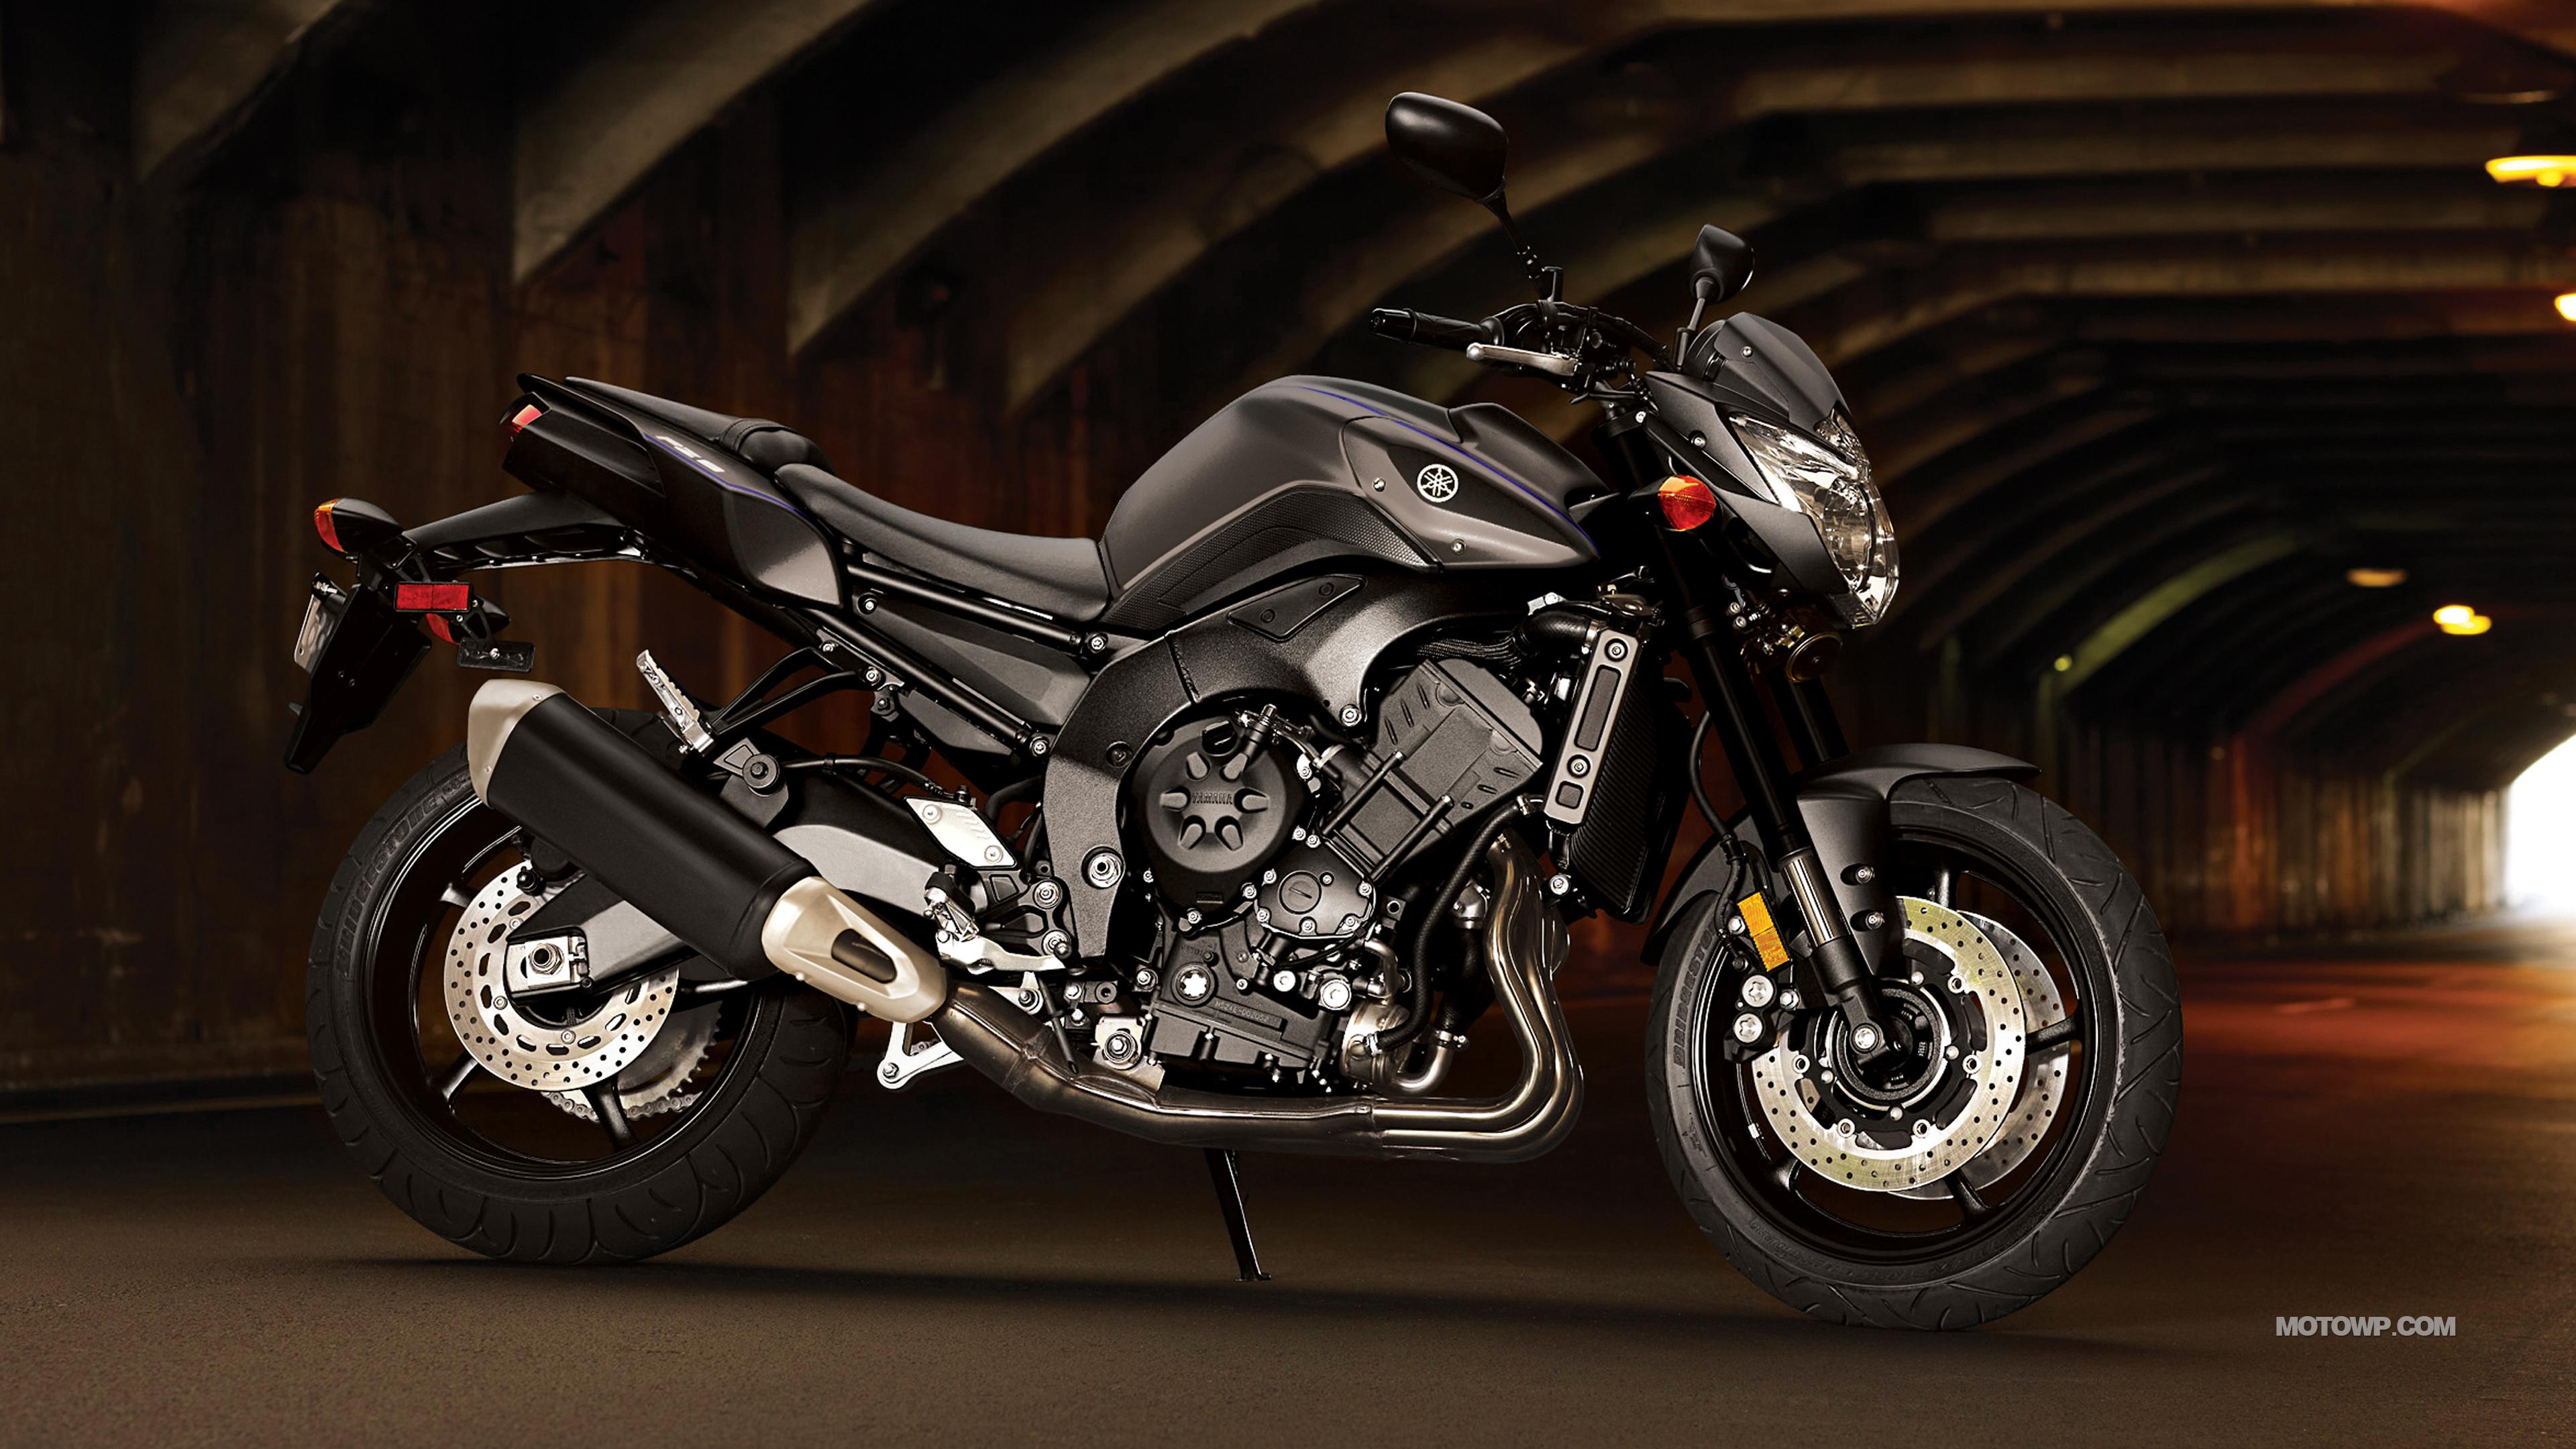 Motorcycles desktop wallpapers Yamaha FZ8   2013 3840x2160